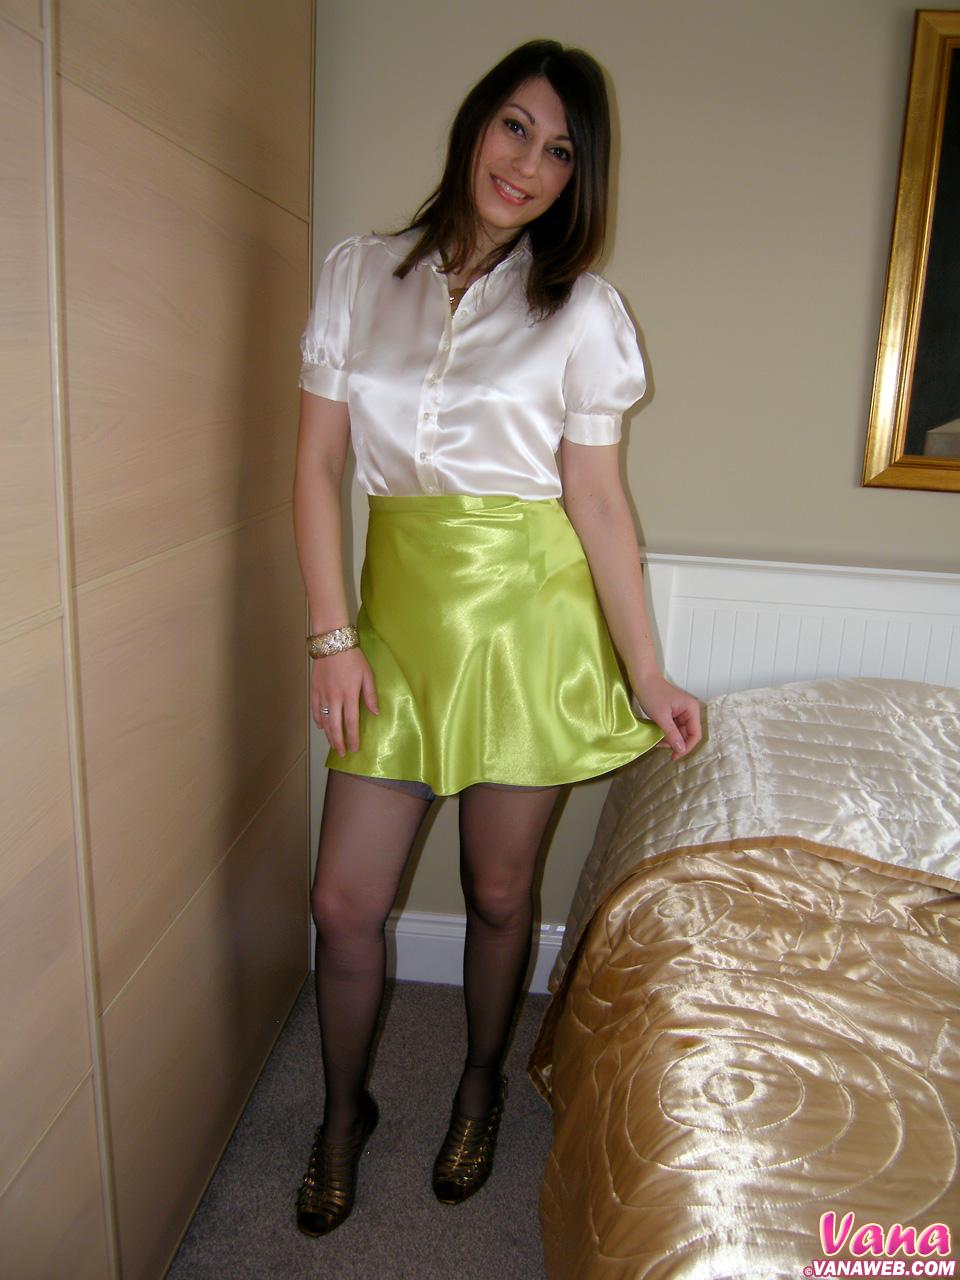 Satin Panties And Stockings